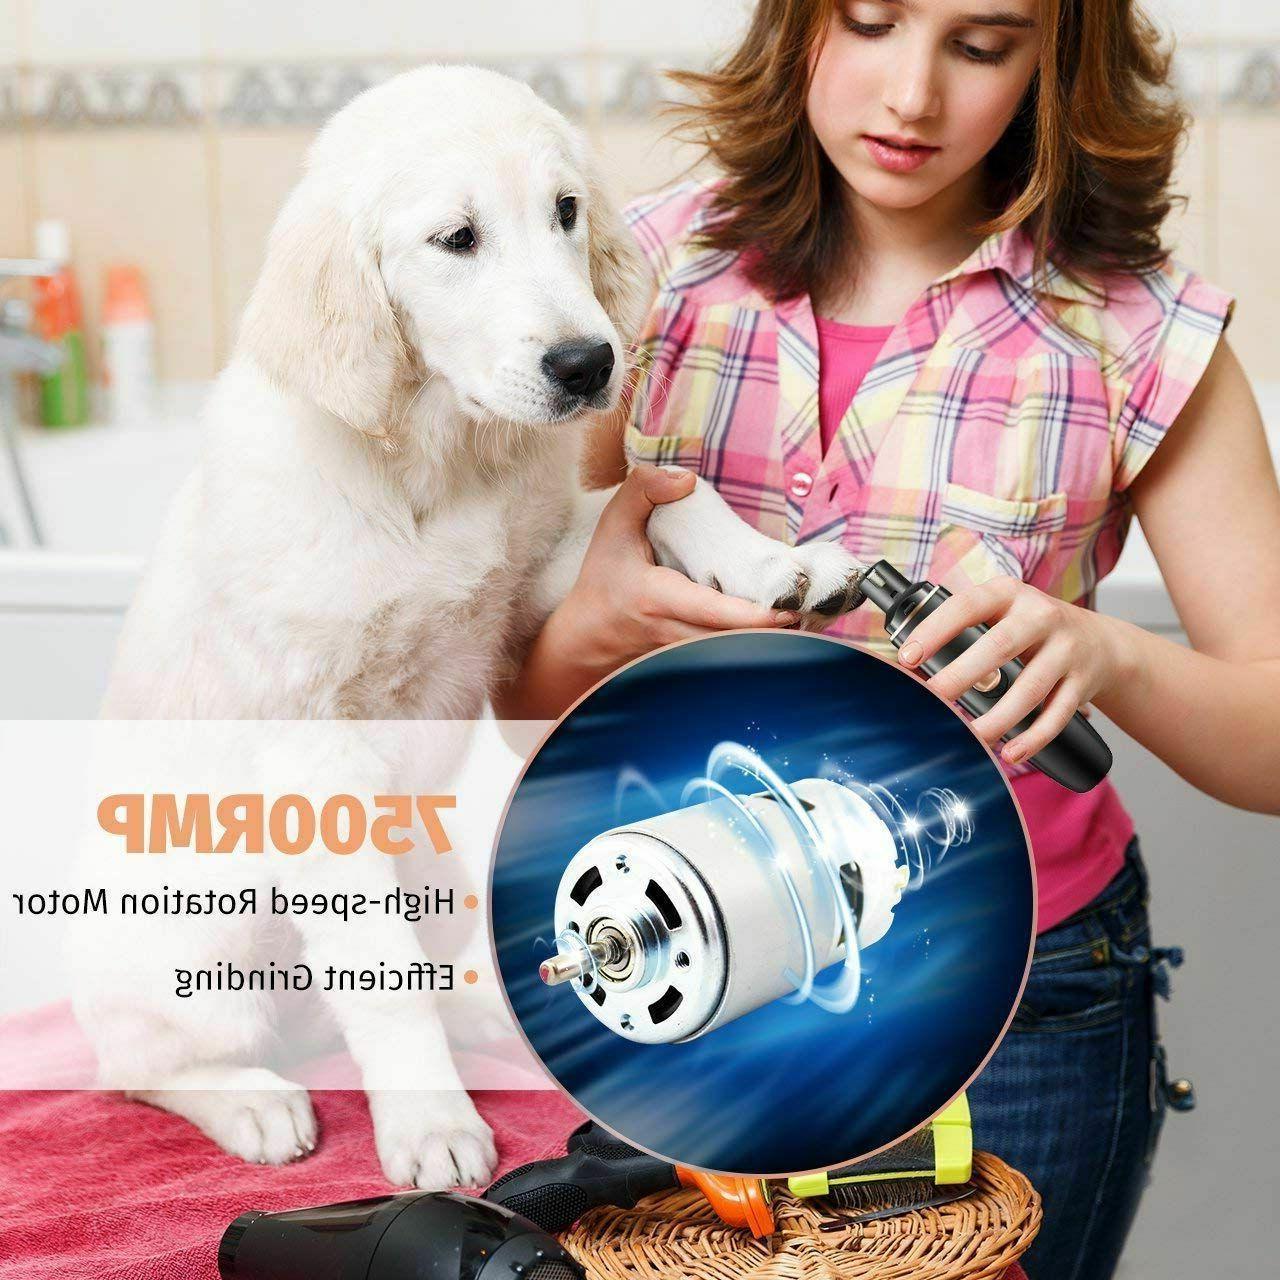 Omorc Electric Dog Grinder Quiet Nail File Grinder Trim